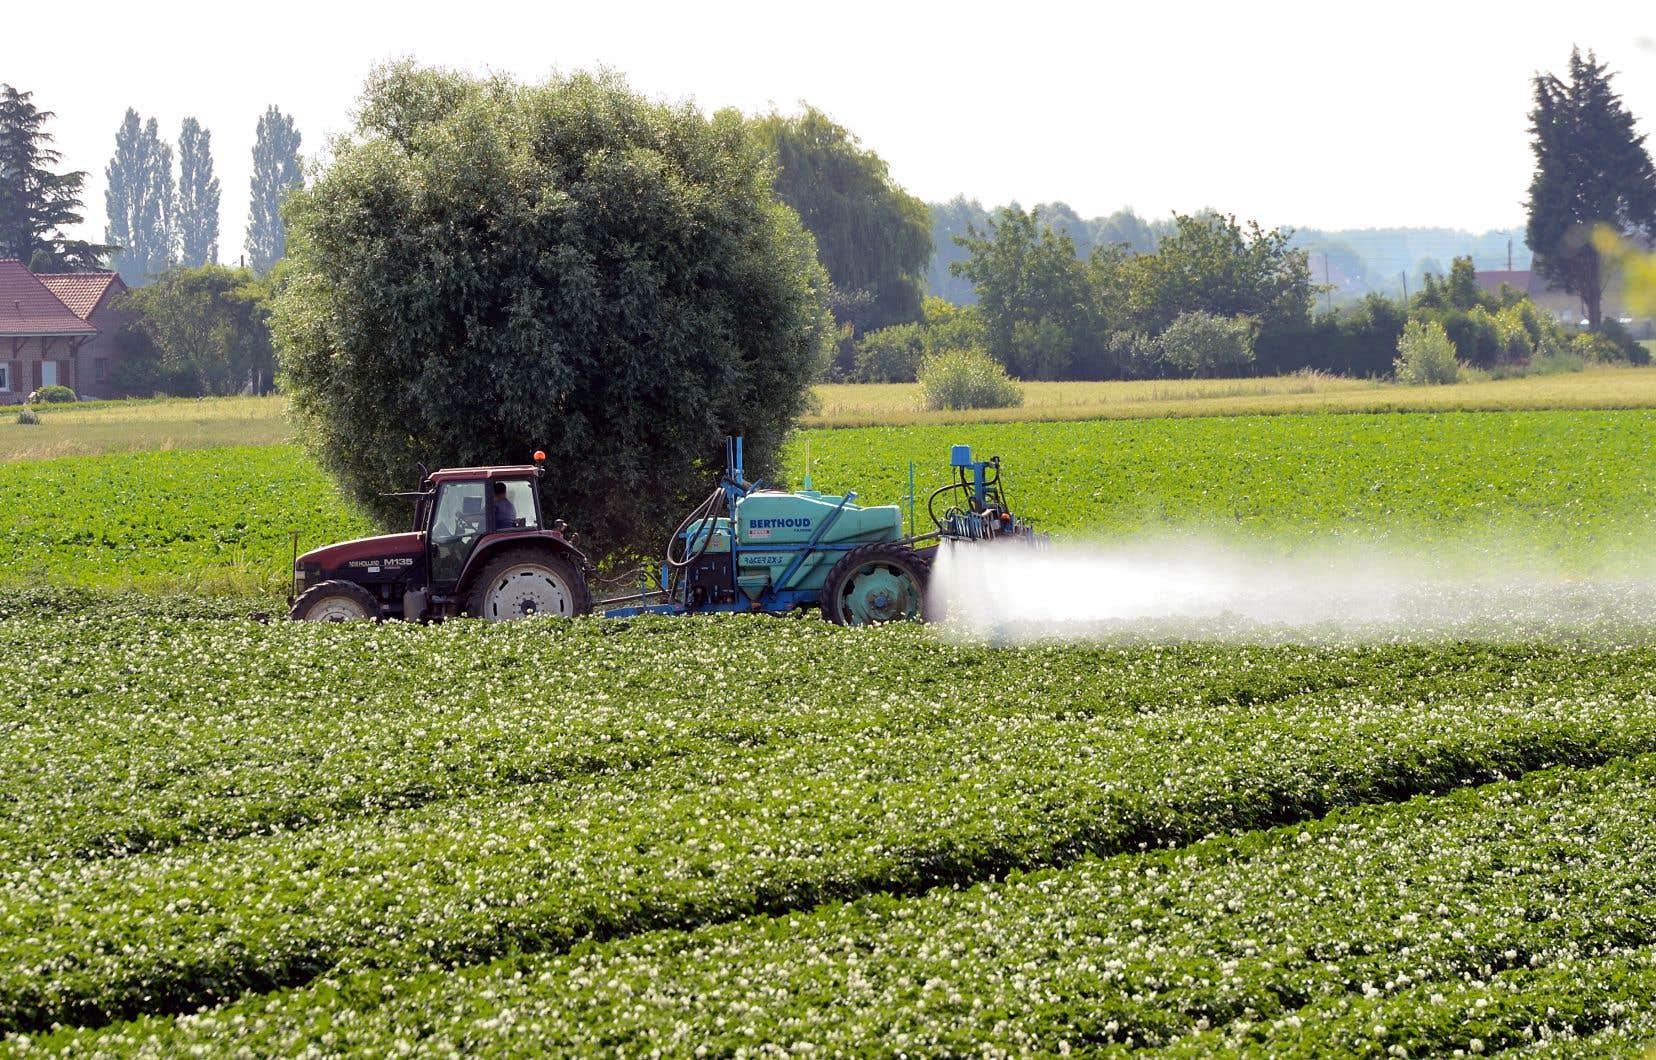 Un pesticide peut être utilisé pour combattre un ennemi déjà présent ou de manière «préventive» pour empêcher cet ennemi de s'approcher.